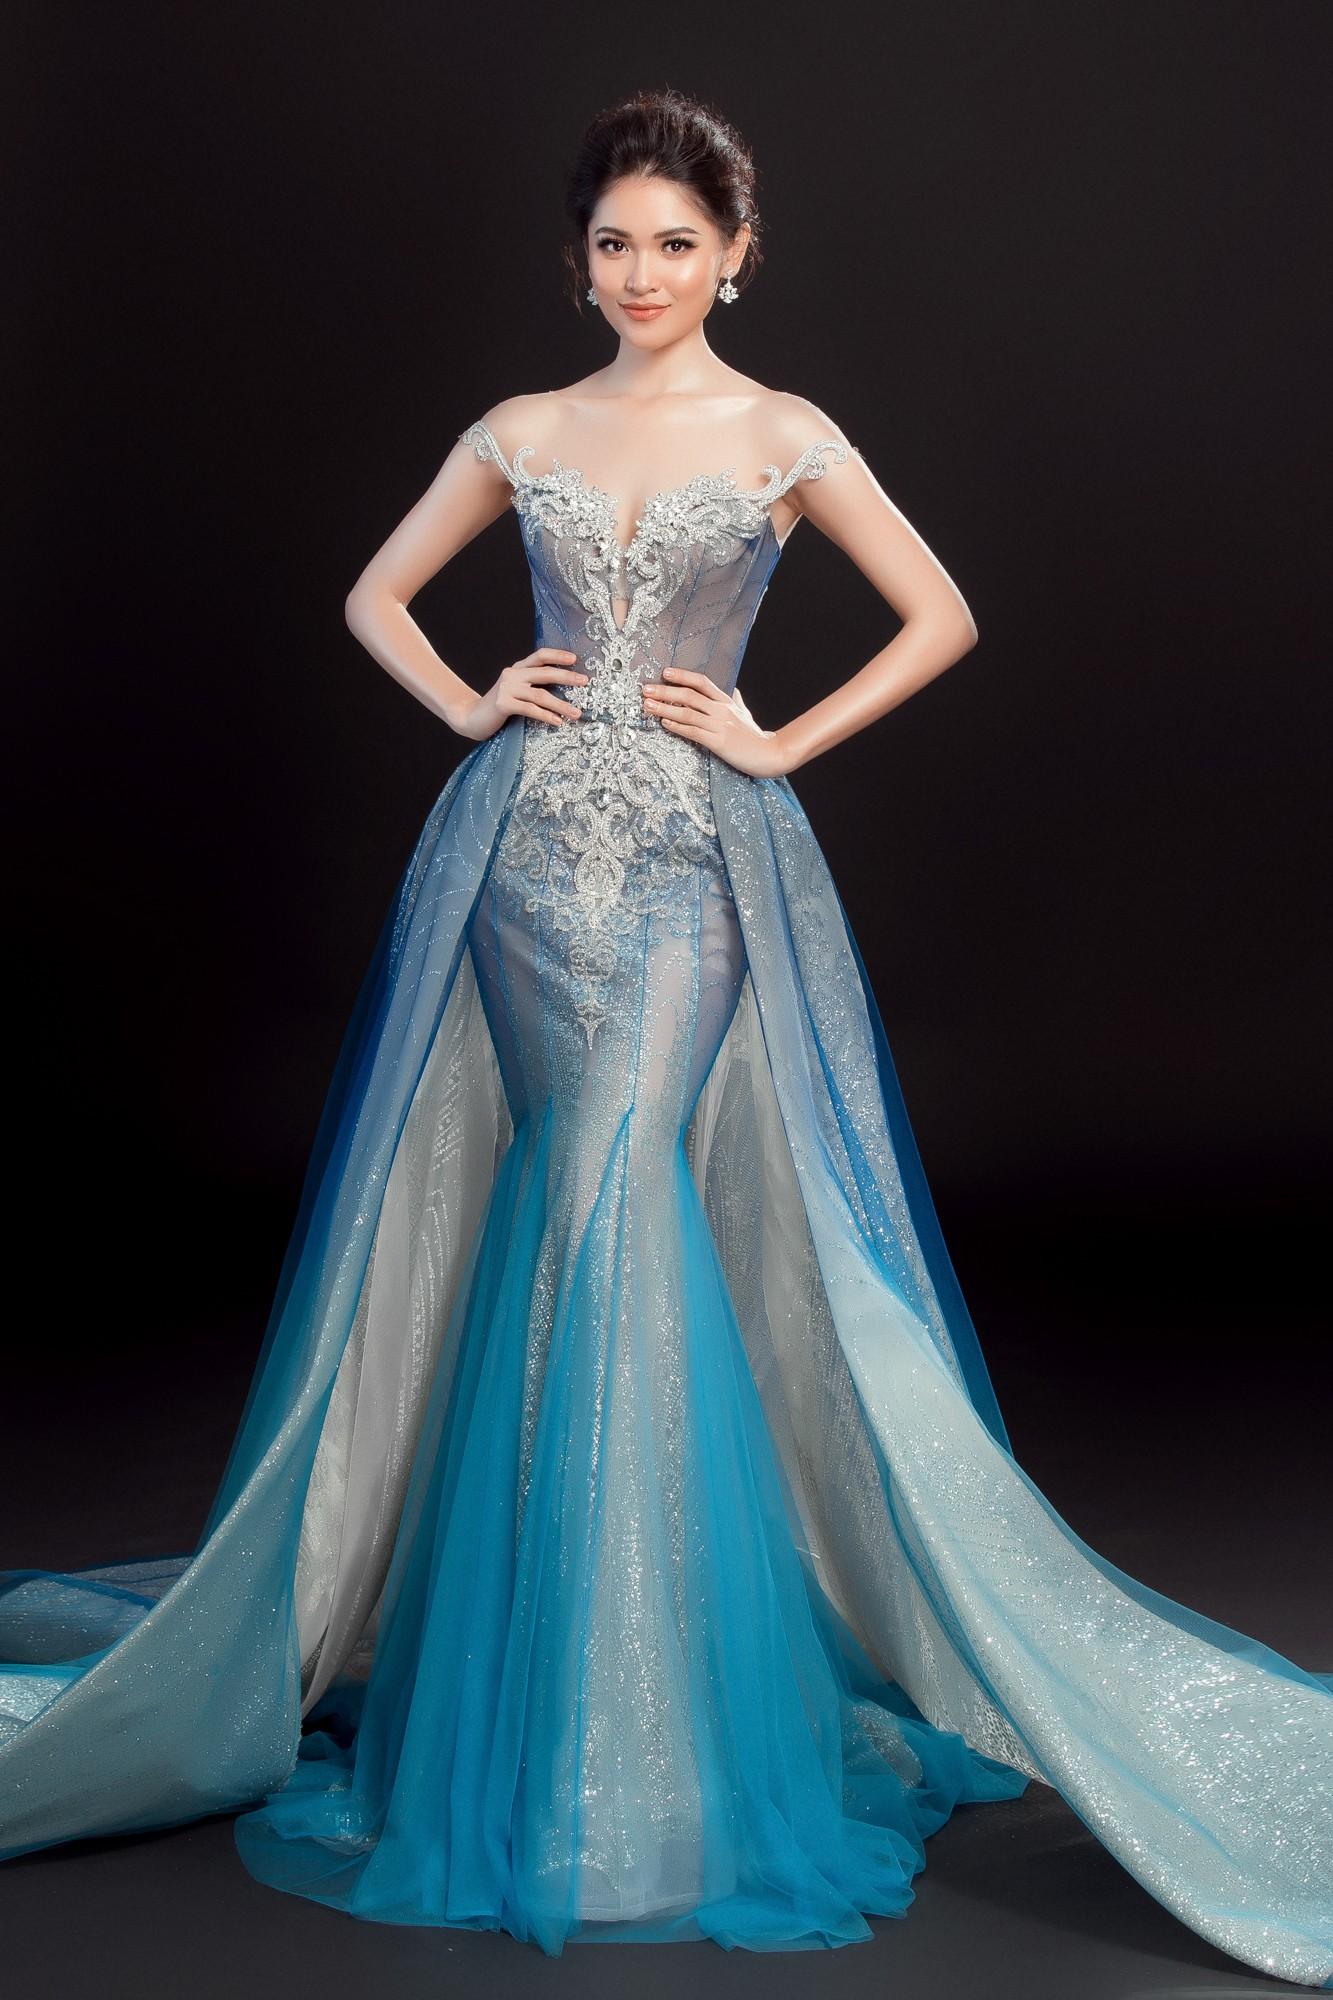 Á hậu Thùy Dung lộng lẫy như công chúa trong đầm dạ hội chính thức tại chung kết Miss International 2017 - Ảnh 1.